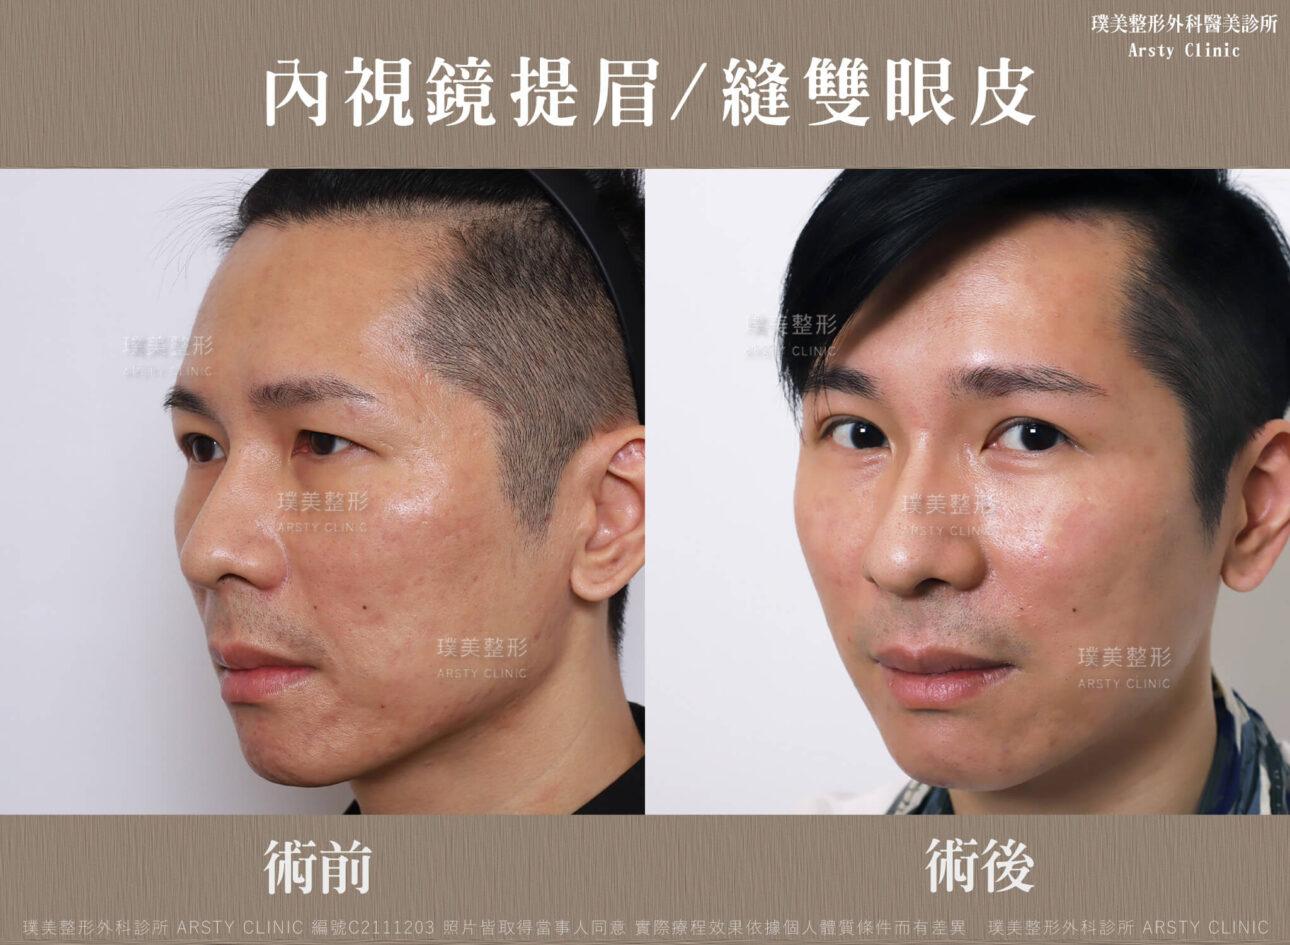 內視鏡提眉 縫雙眼皮 C211203BA03 2 1